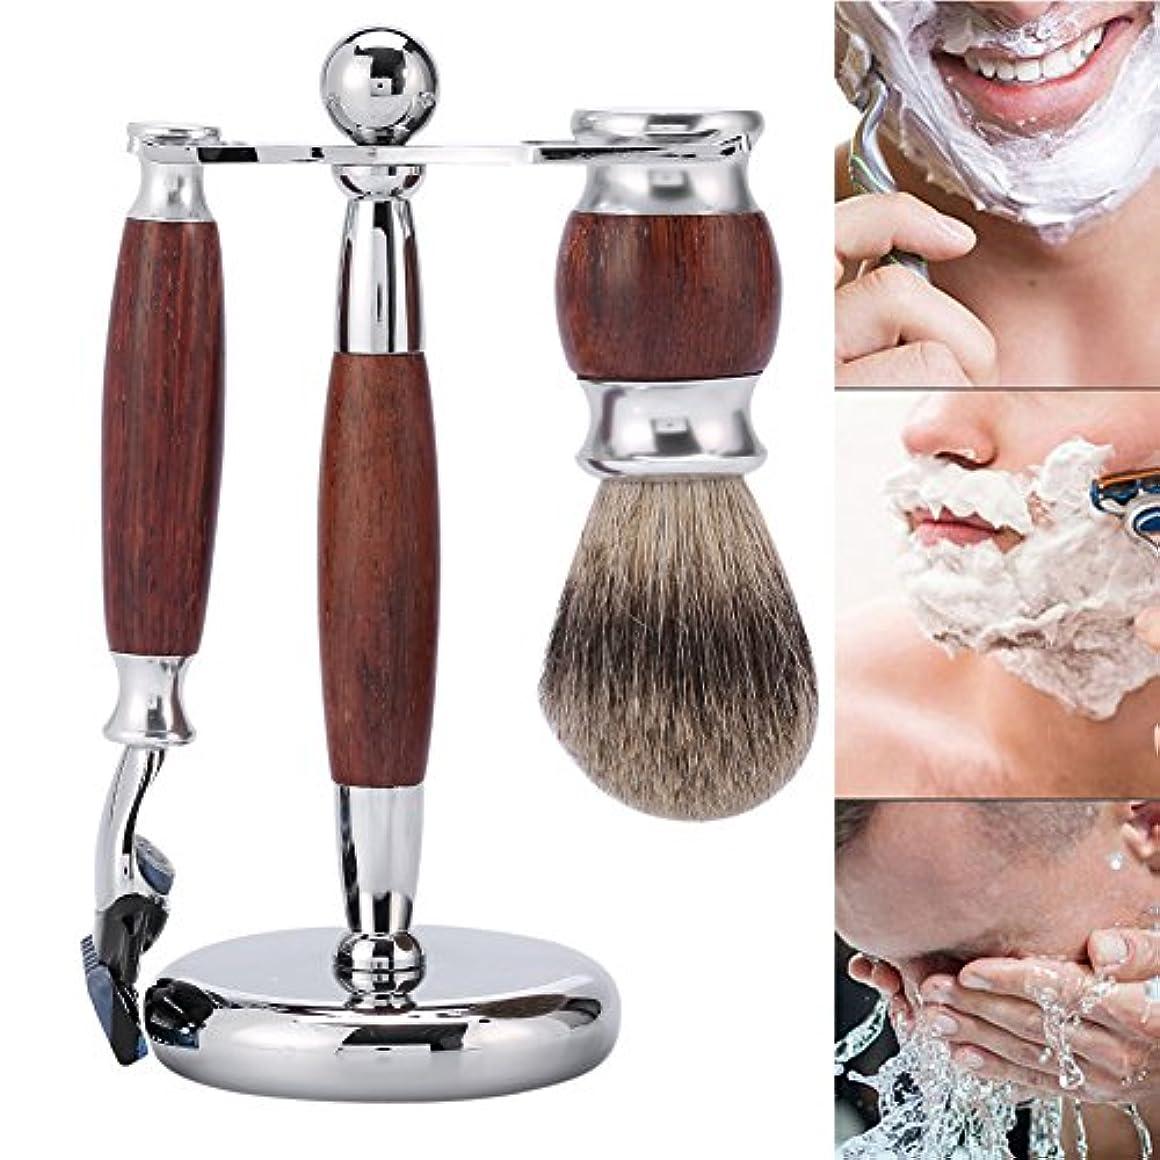 宗教的な以来神経障害プロのひげを剃る、剃刀安全5層かみそり+マホガニーシェービングブラシとシェービングスリーブホルダーを剃ることは男性のための良い贈り物です